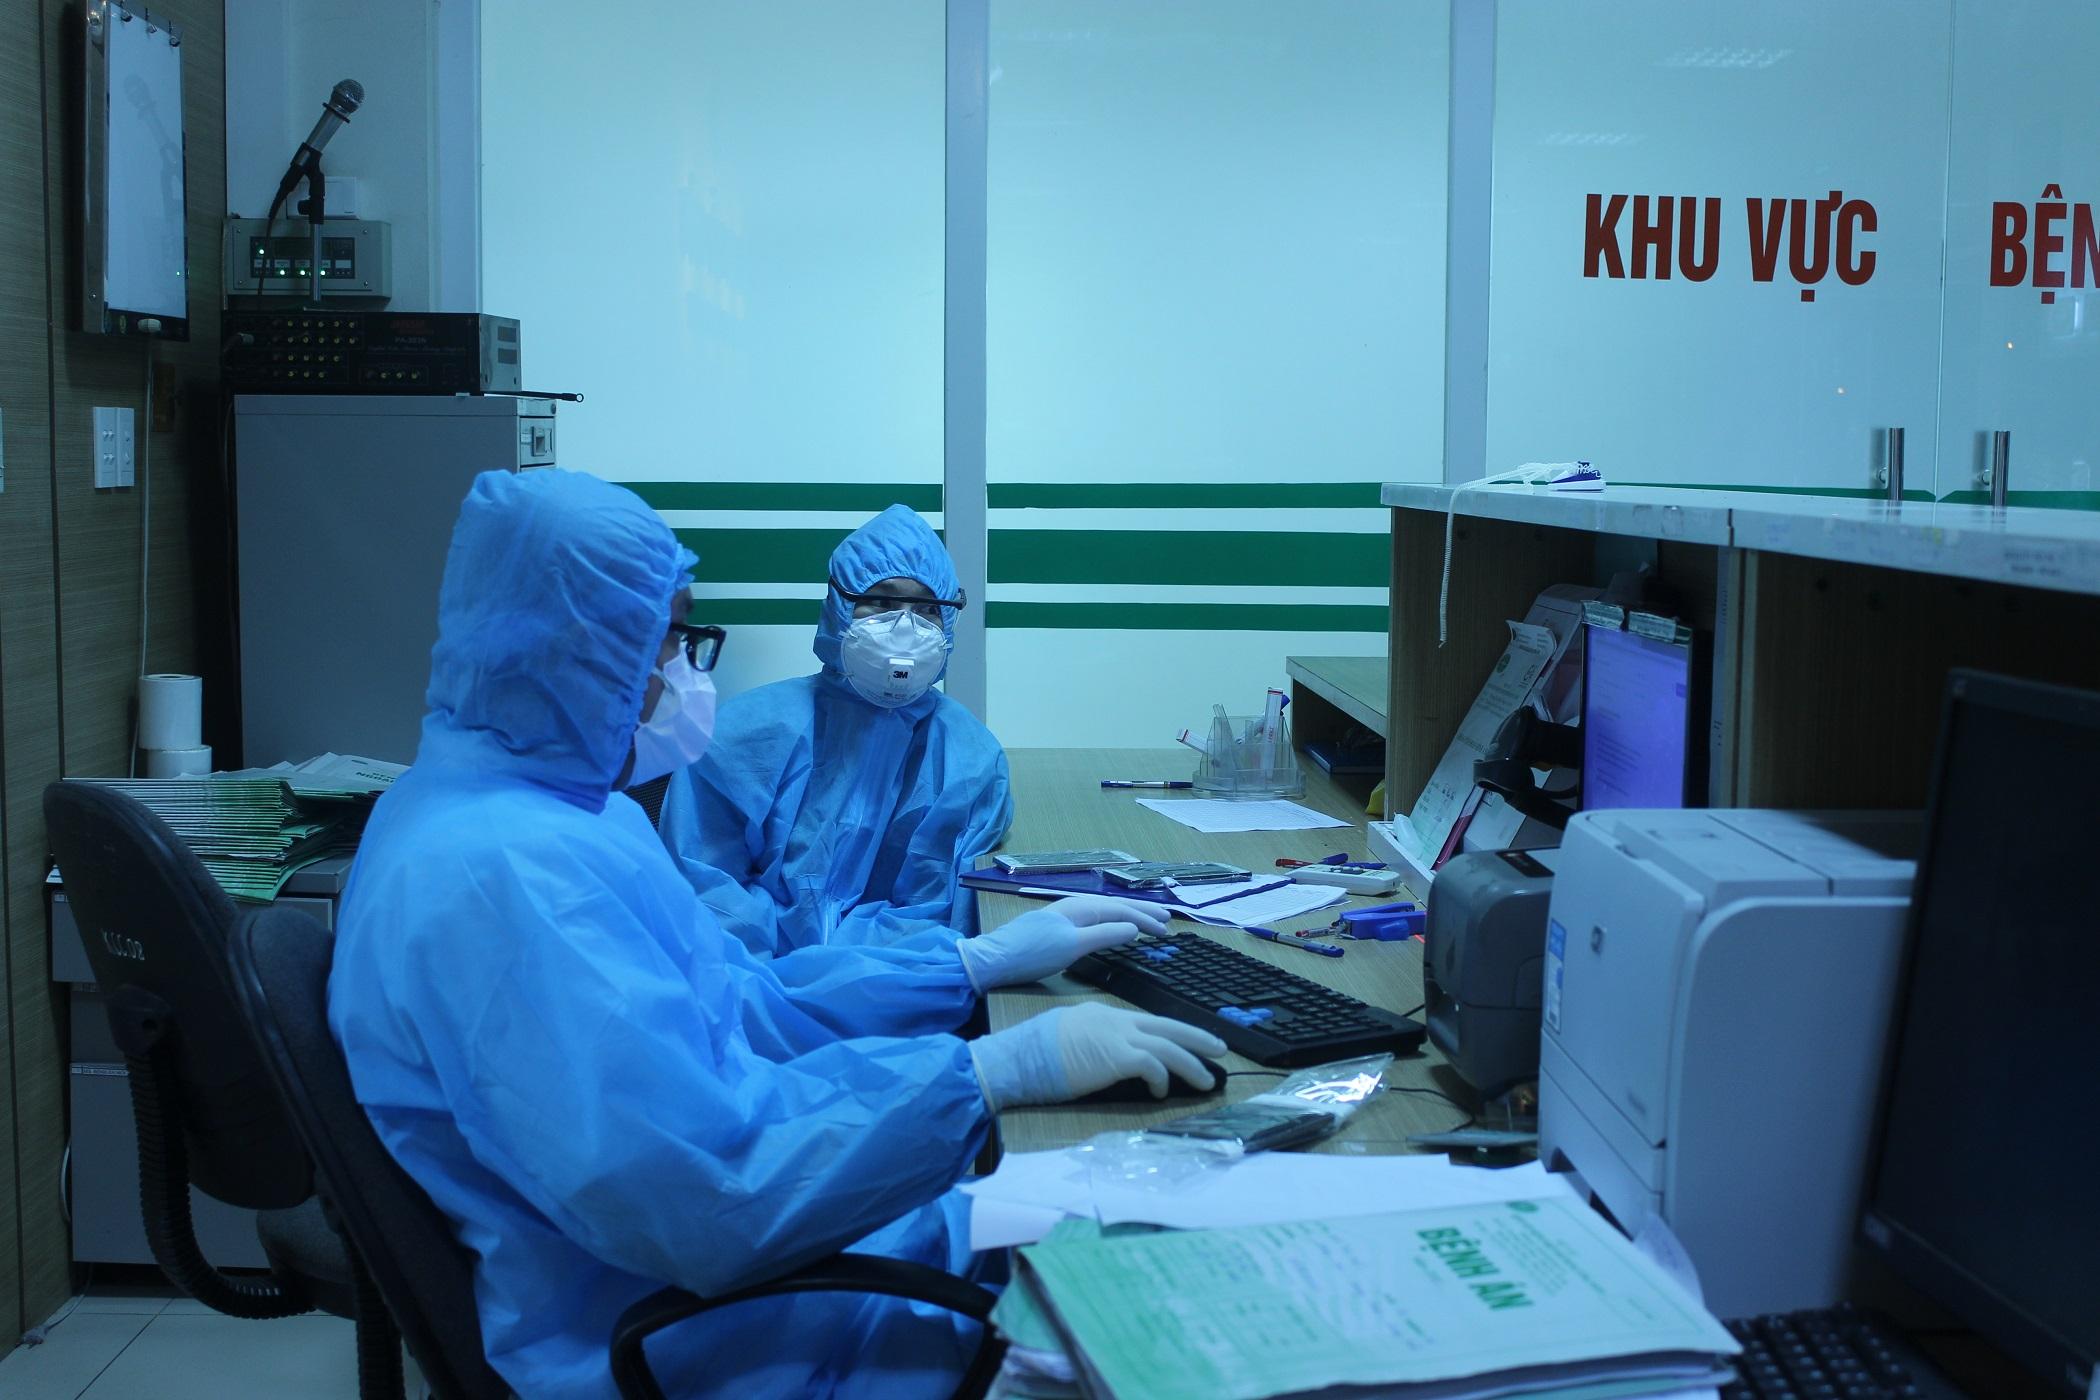 Cập nhật danh sách các nơi được Bộ Y tế cho phép xét nghiệm khẳng định Covid-19 - 1